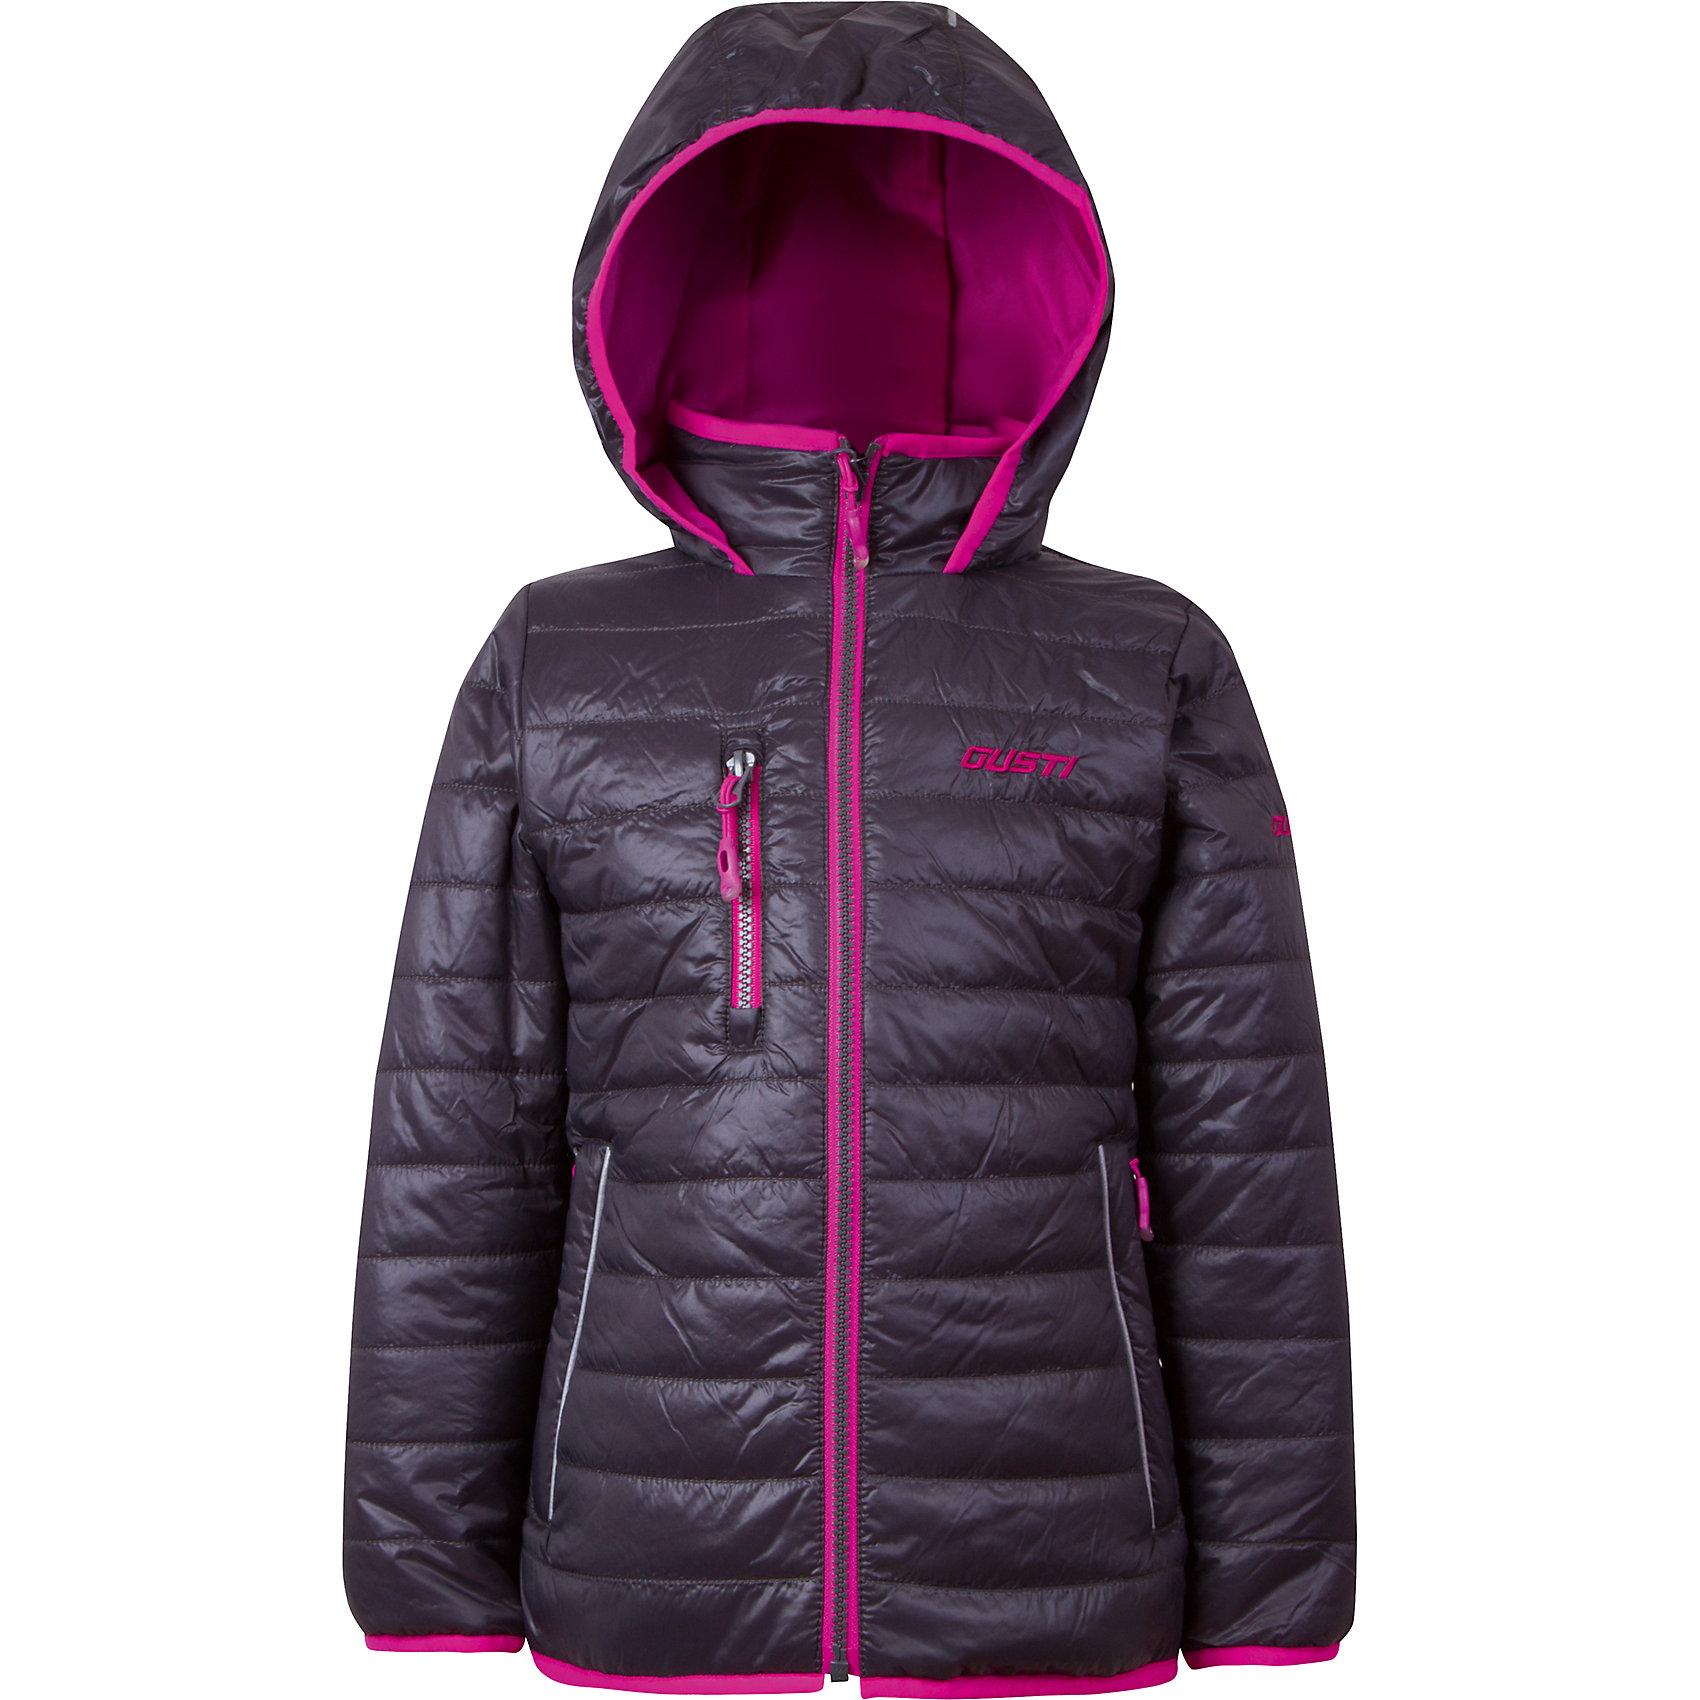 Куртка для девочки GustiВерхняя одежда<br>Характеристики товара:<br><br>• цвет: чёрный<br>• состав: 100% полиэстер, полиуретановое покрытие, подкладка - 100% полиэстер<br>• наполнитель: 100 гр teck polifill<br>• температурный режим: от +5° С до +15° С<br>• водонепроницаемый материал<br>• капюшон<br>• карманы<br>• водонепроницаемость: 2000 мм<br>• паропроницаемость: 2000 г/м2<br>• комфортная посадка<br>• светоотражающие элементы<br>• молния<br>• подкладка: таффета<br>• демисезонная<br>• страна бренда: Канада<br><br>Эта демисезонная куртка с мембранной технологией поможет обеспечить ребенку комфорт и тепло. Изделие удобно садится по фигуре, отлично смотрится с различным низом и обувью. Куртка модно выглядит, она хорошо защищает от ветра и влаги. Материал отлично подходит для дождливой погоды. Стильный дизайн разрабатывался специально для детей.<br><br>Куртку для девочки от известного бренда Gusti (Густи) можно купить в нашем интернет-магазине.<br><br>Ширина мм: 356<br>Глубина мм: 10<br>Высота мм: 245<br>Вес г: 519<br>Цвет: черный<br>Возраст от месяцев: 24<br>Возраст до месяцев: 36<br>Пол: Женский<br>Возраст: Детский<br>Размер: 100,110,152,116,120,122,128,140,92,98,104<br>SKU: 5452538